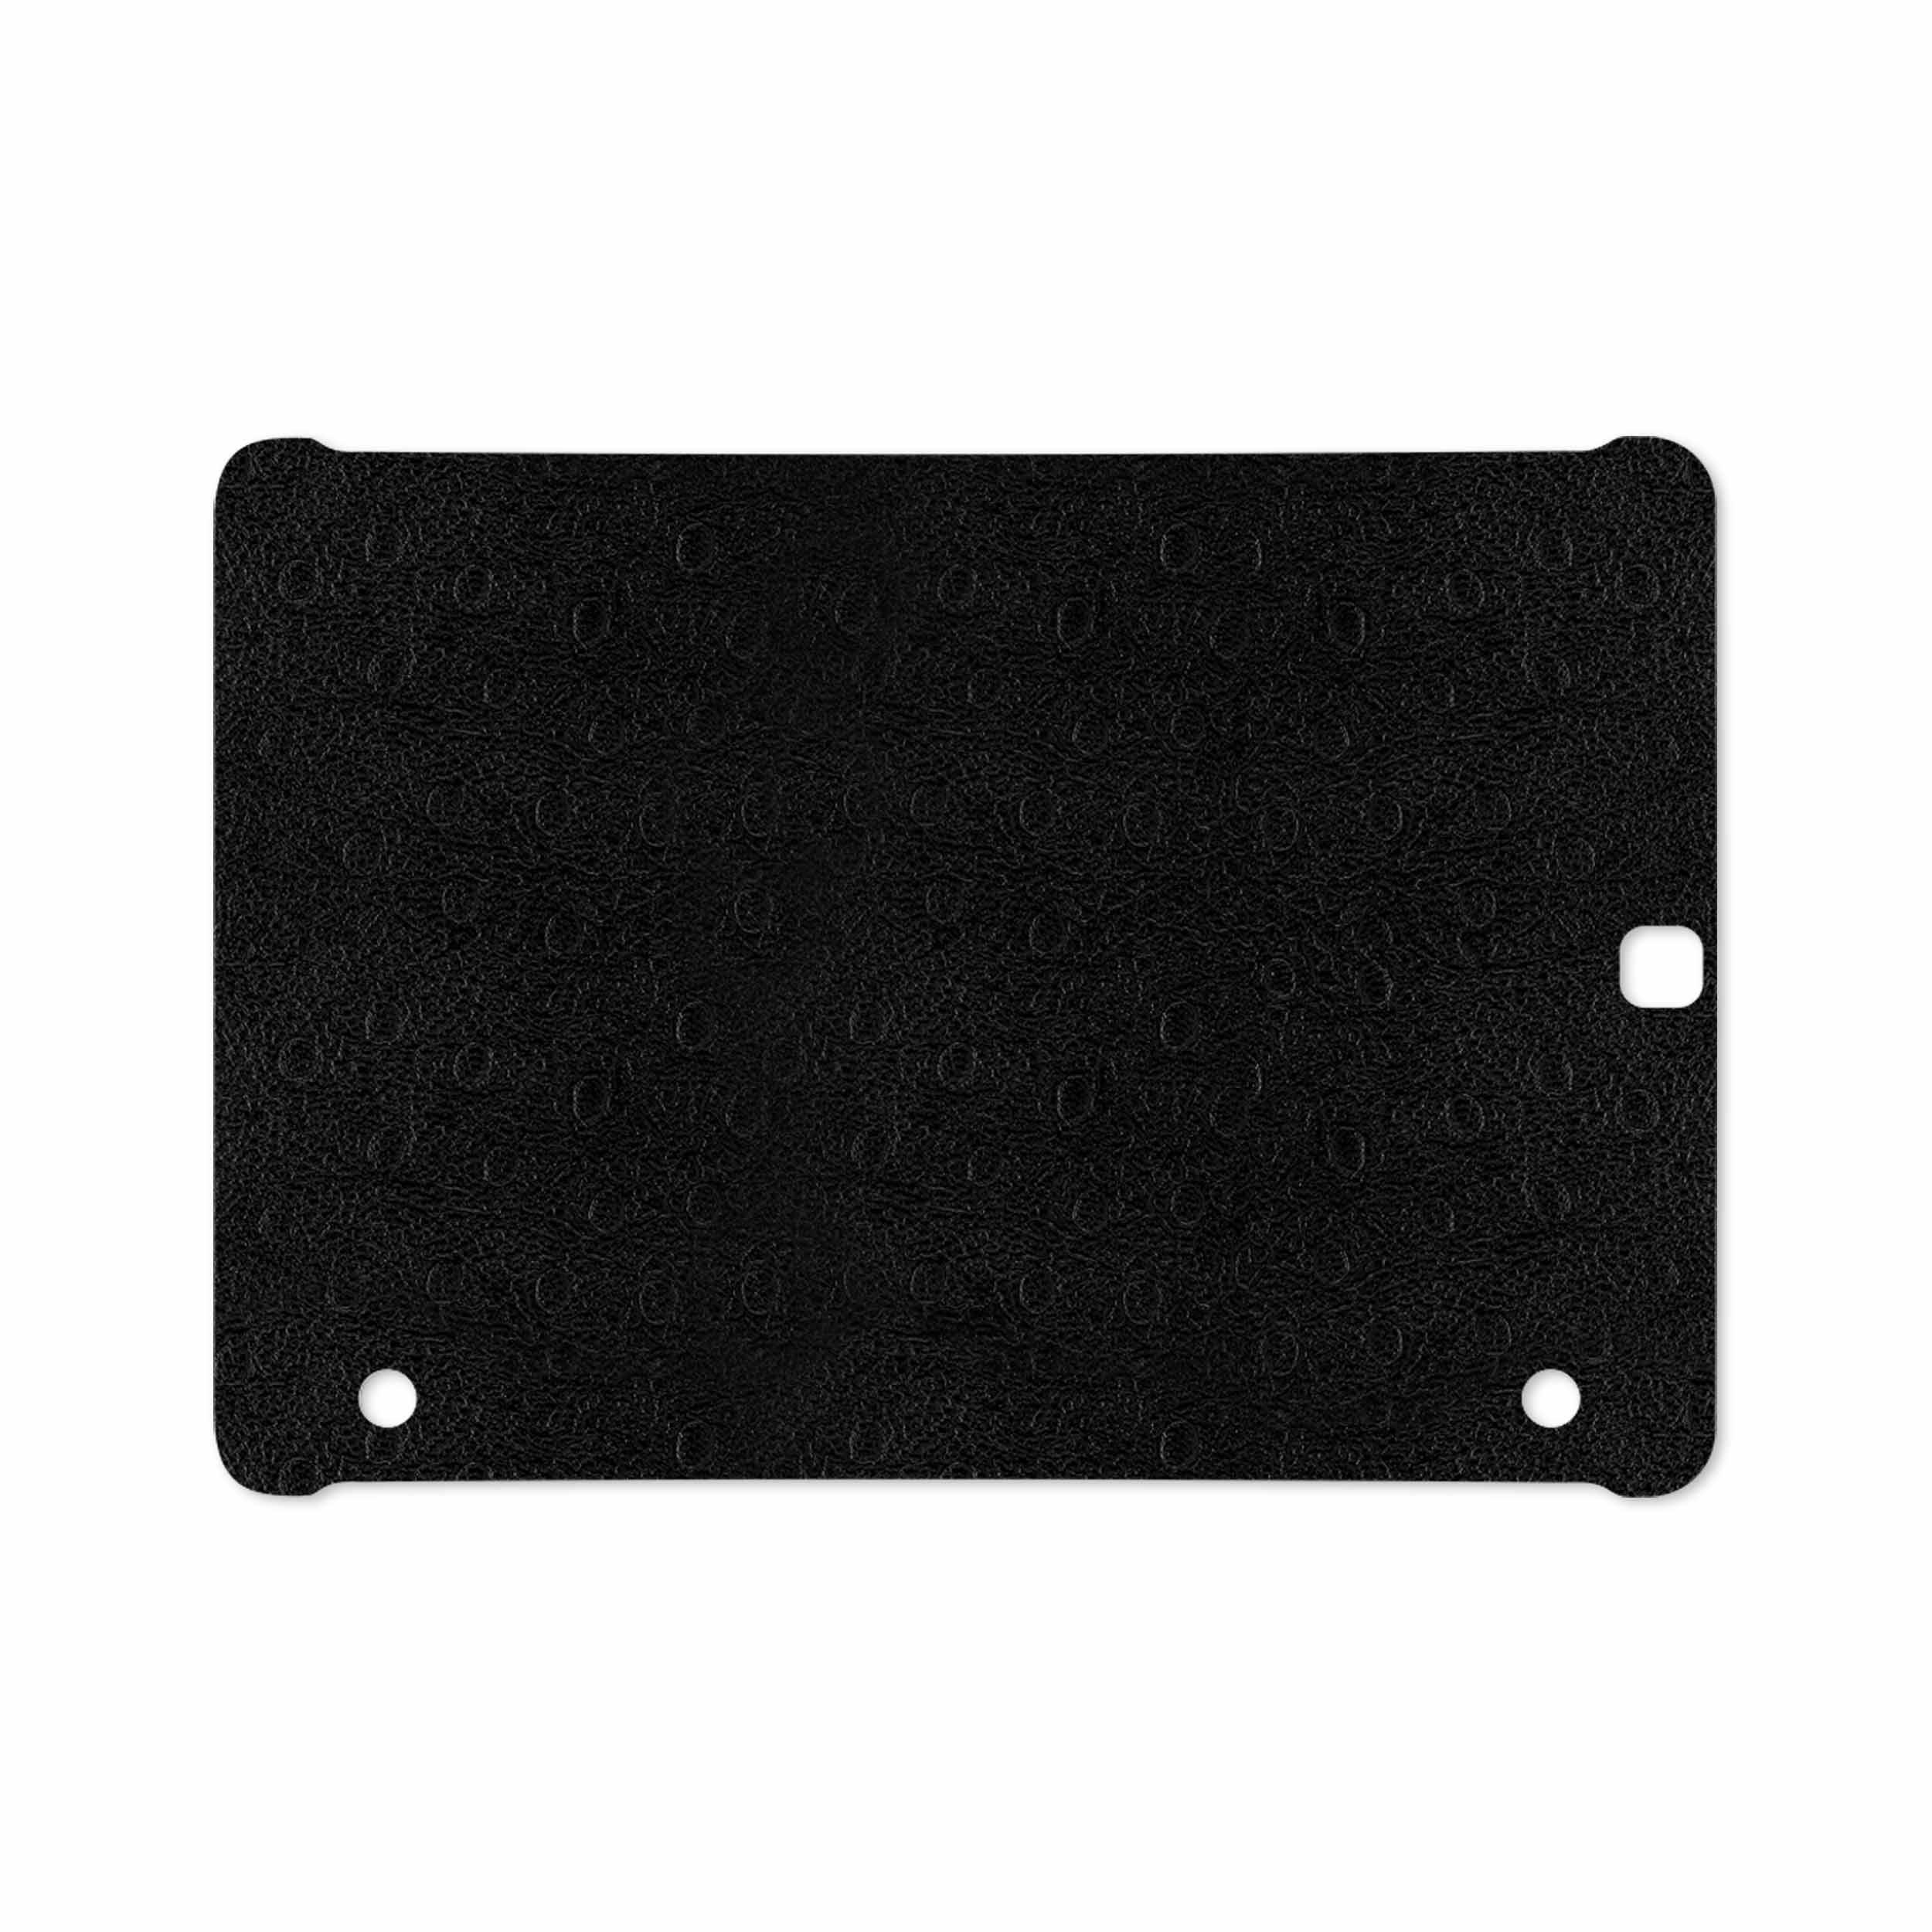 بررسی و خرید [با تخفیف]                                     برچسب پوششی ماهوت مدل Ostrich-Leather مناسب برای تبلت سامسونگ Galaxy Tab S2 9.7 2016 T819N                             اورجینال